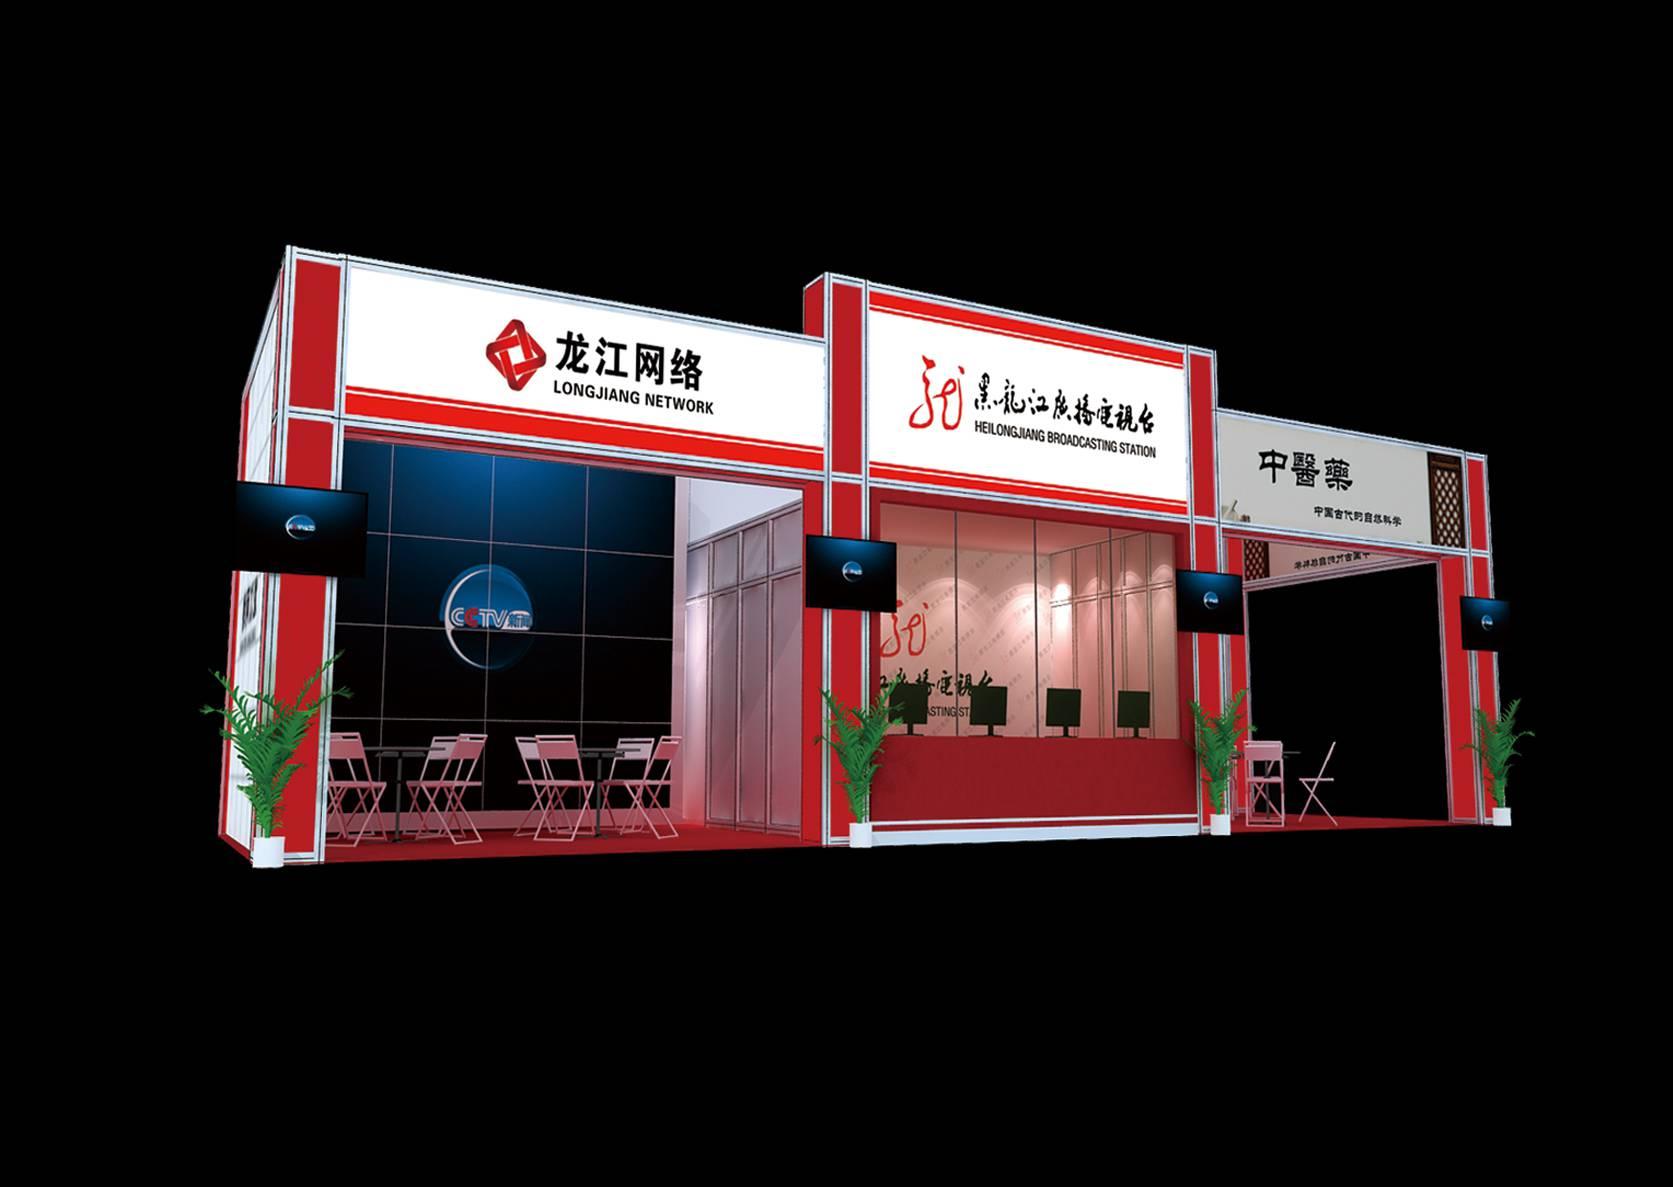 哈尔滨桁架租赁 哈尔滨优良的哈尔滨展�览展示哪里有提供